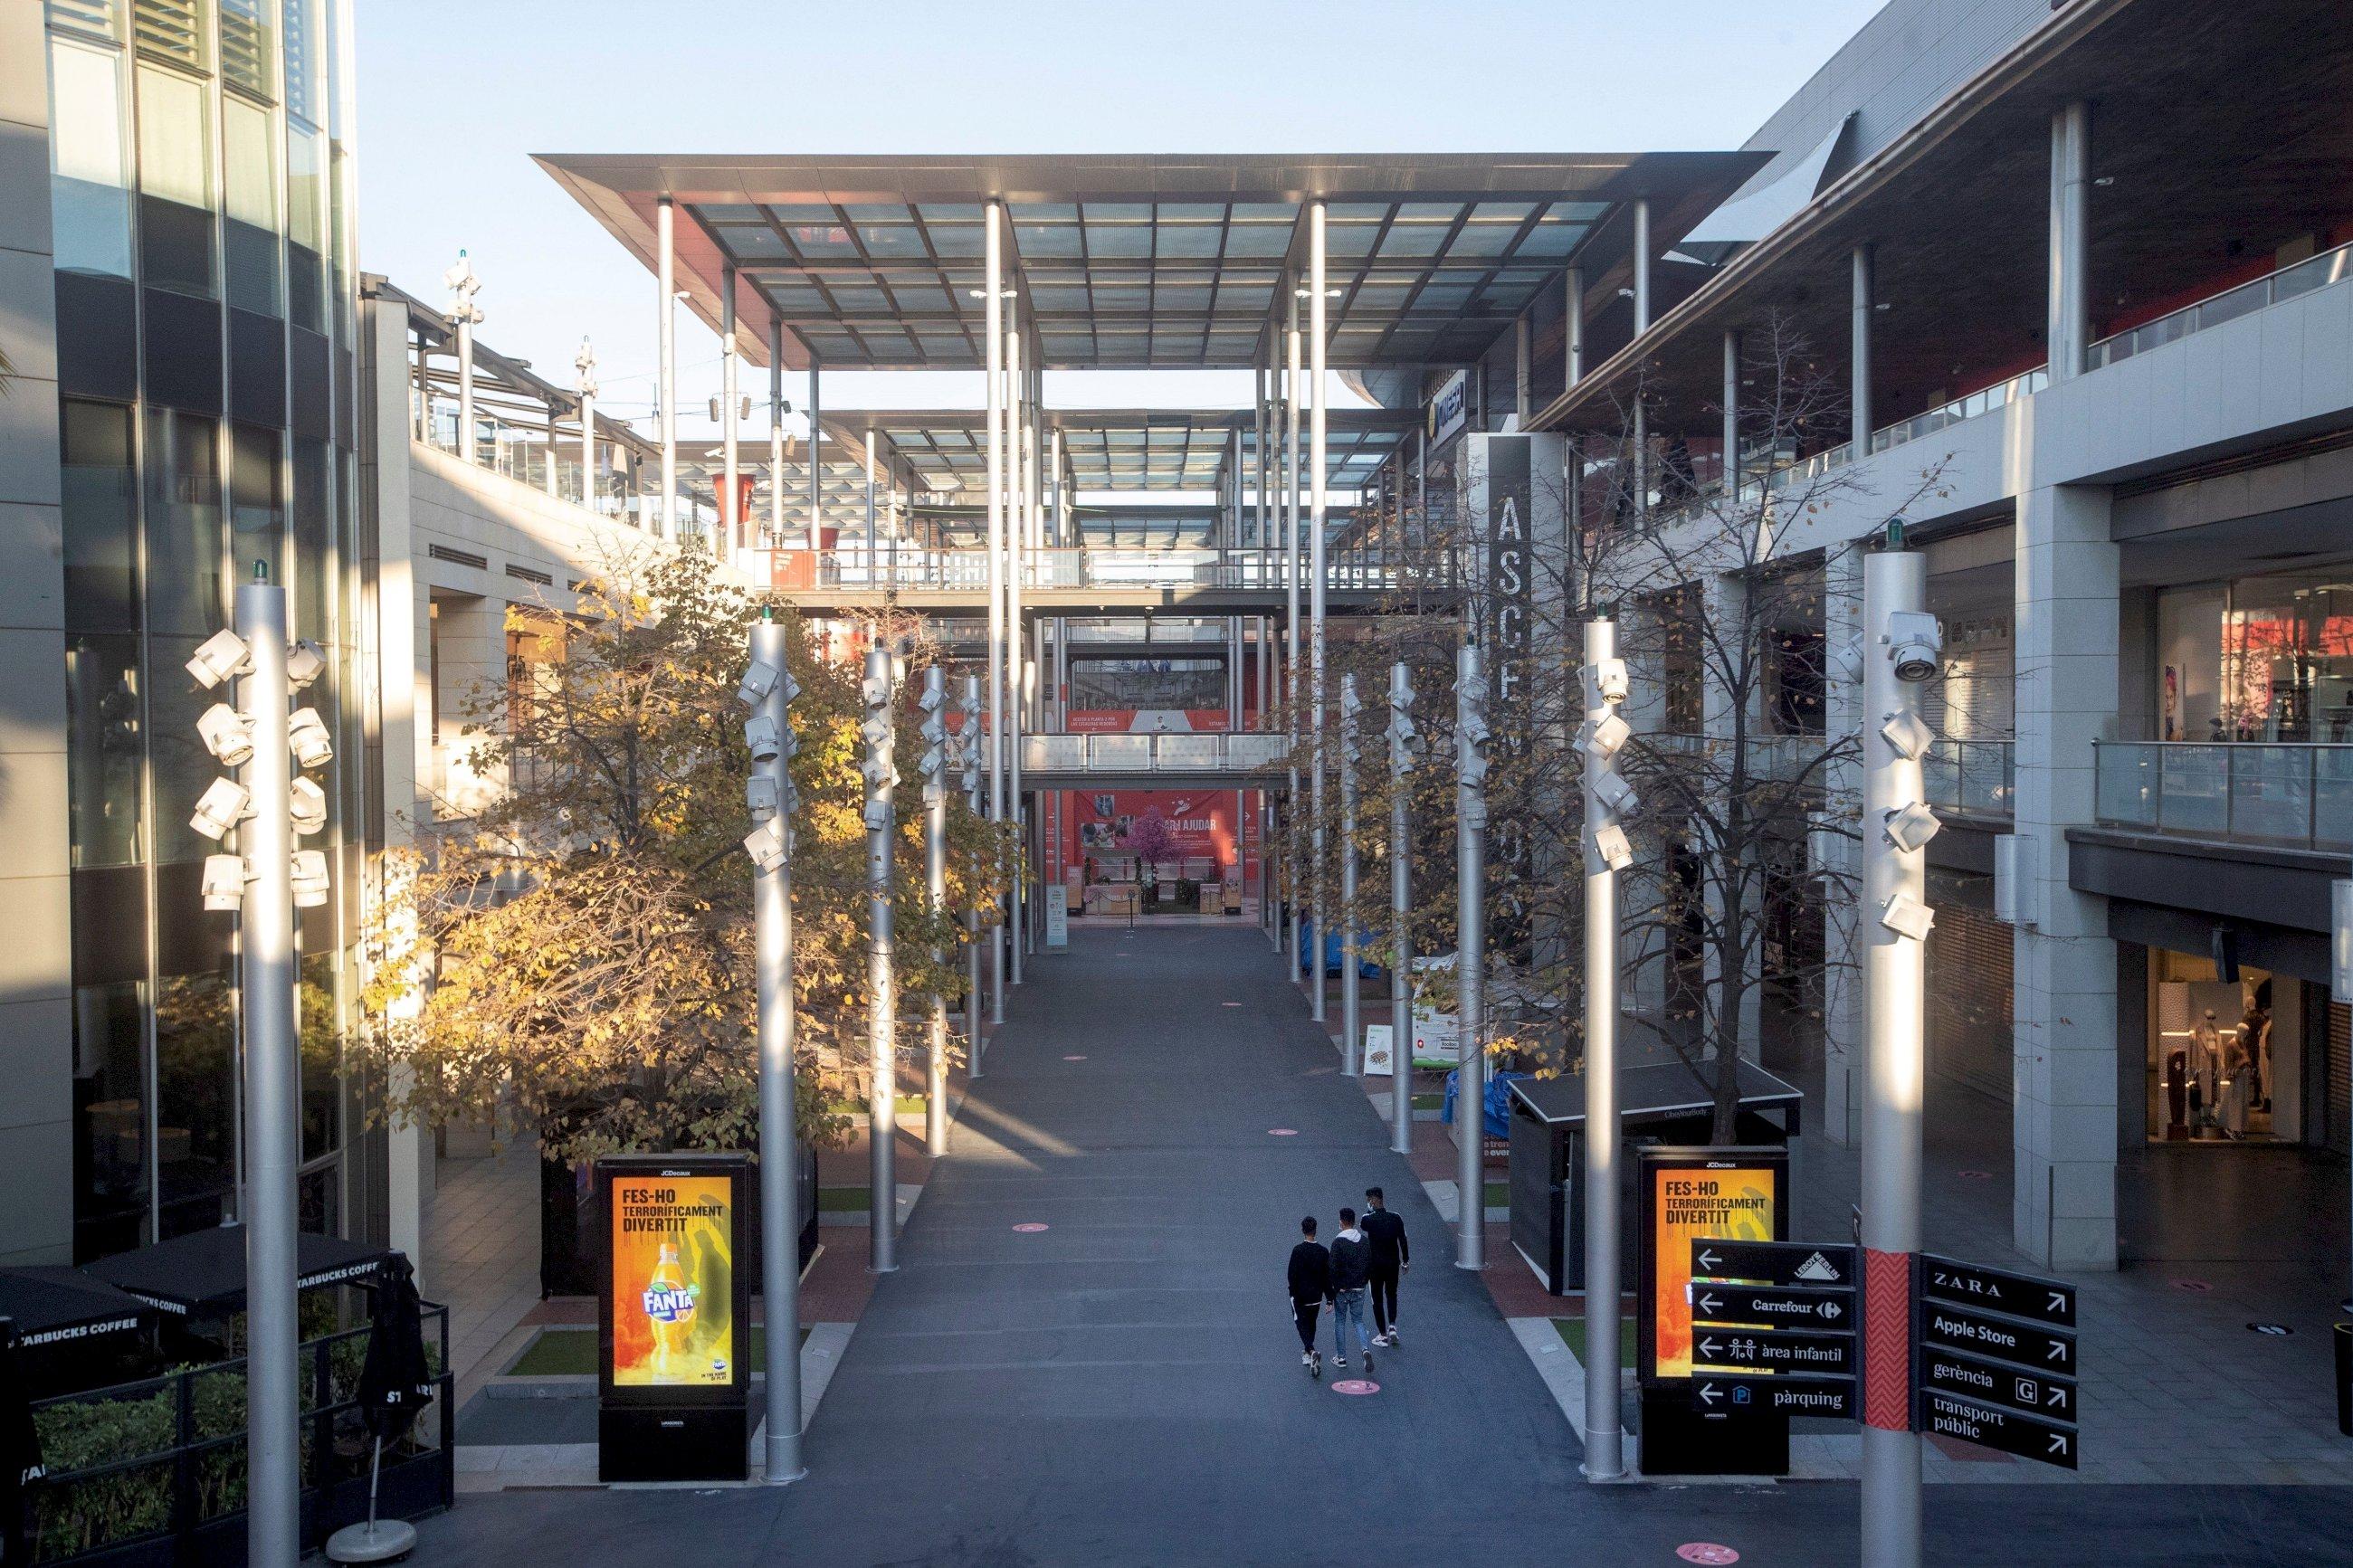 Imagen del Centro Comercial La Maquinista de Barcelona tras la aprobación del nuevo plan de medidas contra el coronavirus de la Generalitat de Cataluña. EFE/Marta Pérez